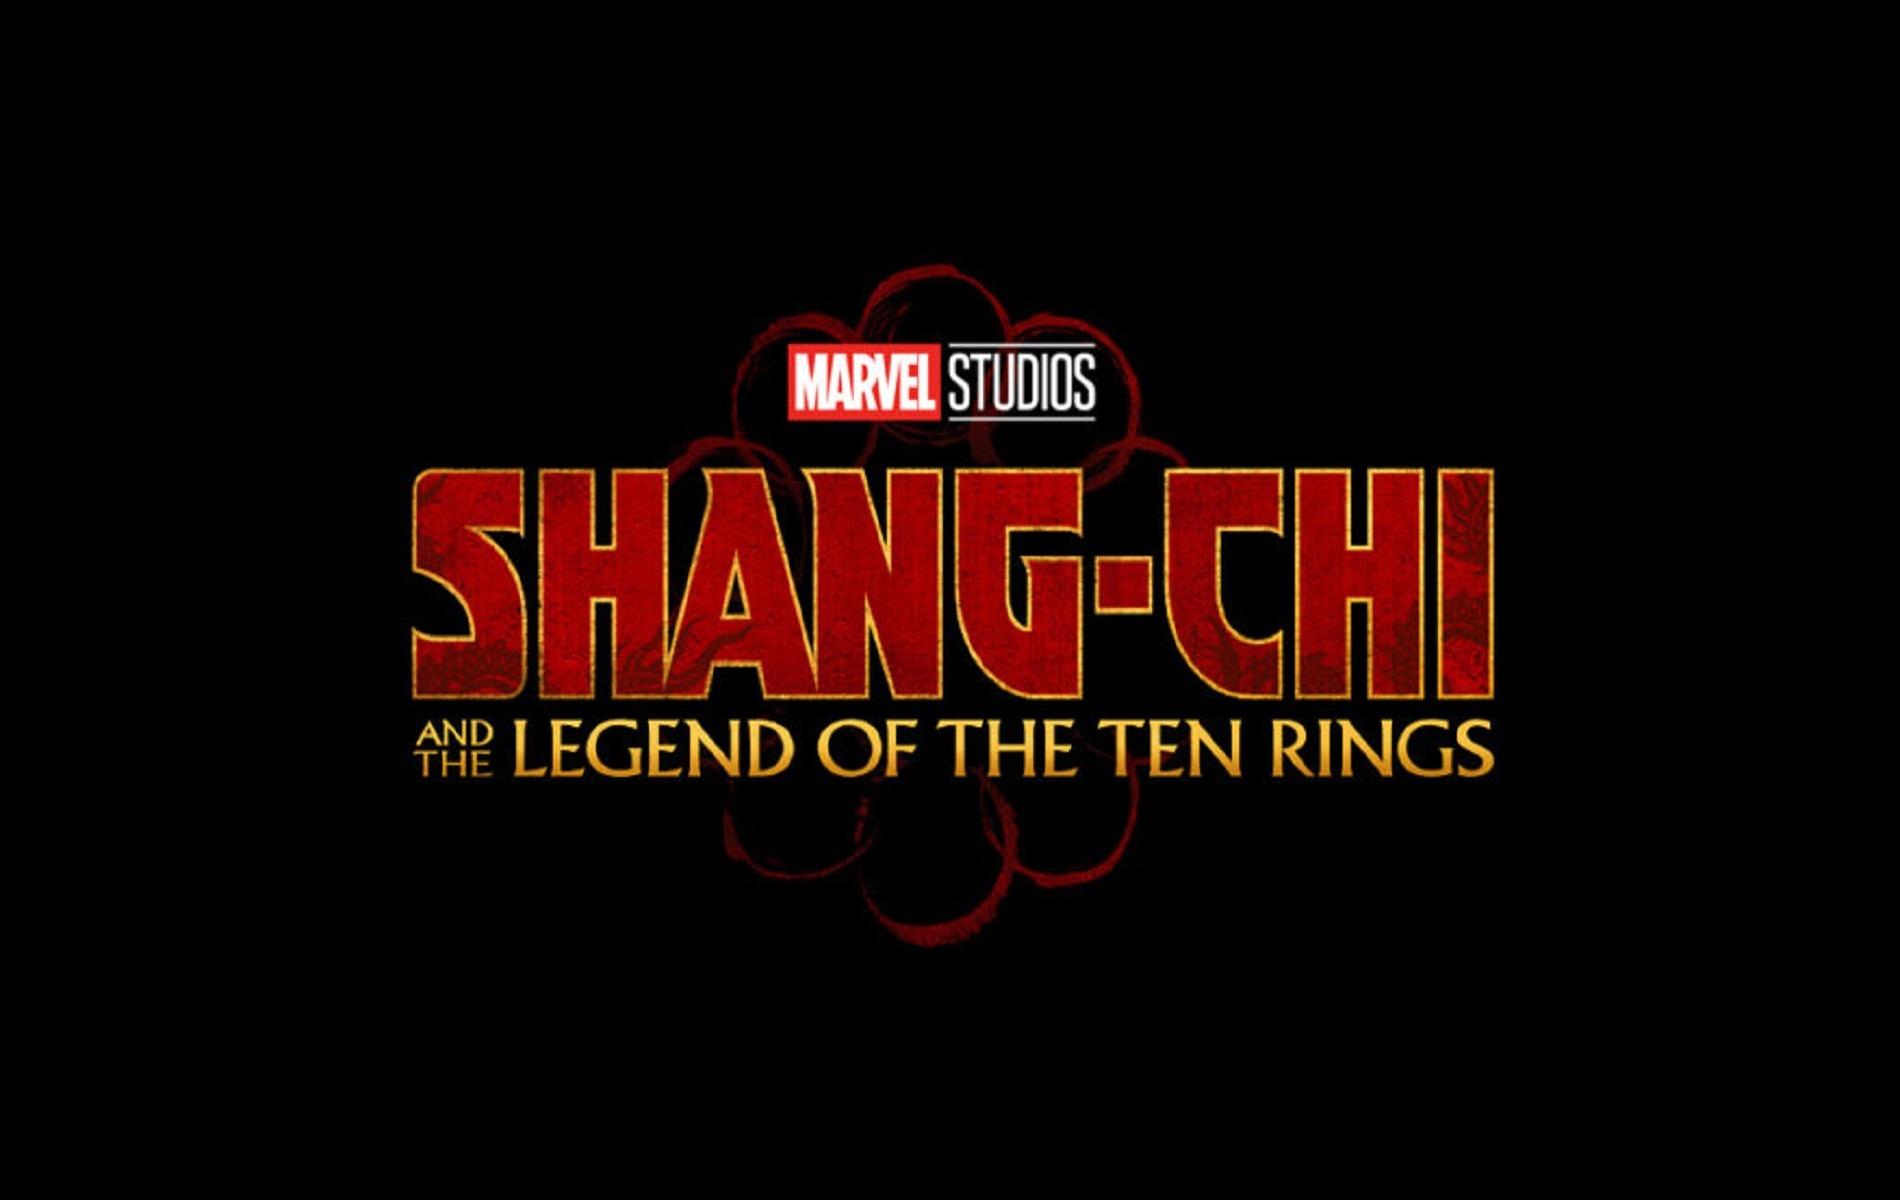 В Шан-Чи и легенда десяти колец появится новый персонаж Босс